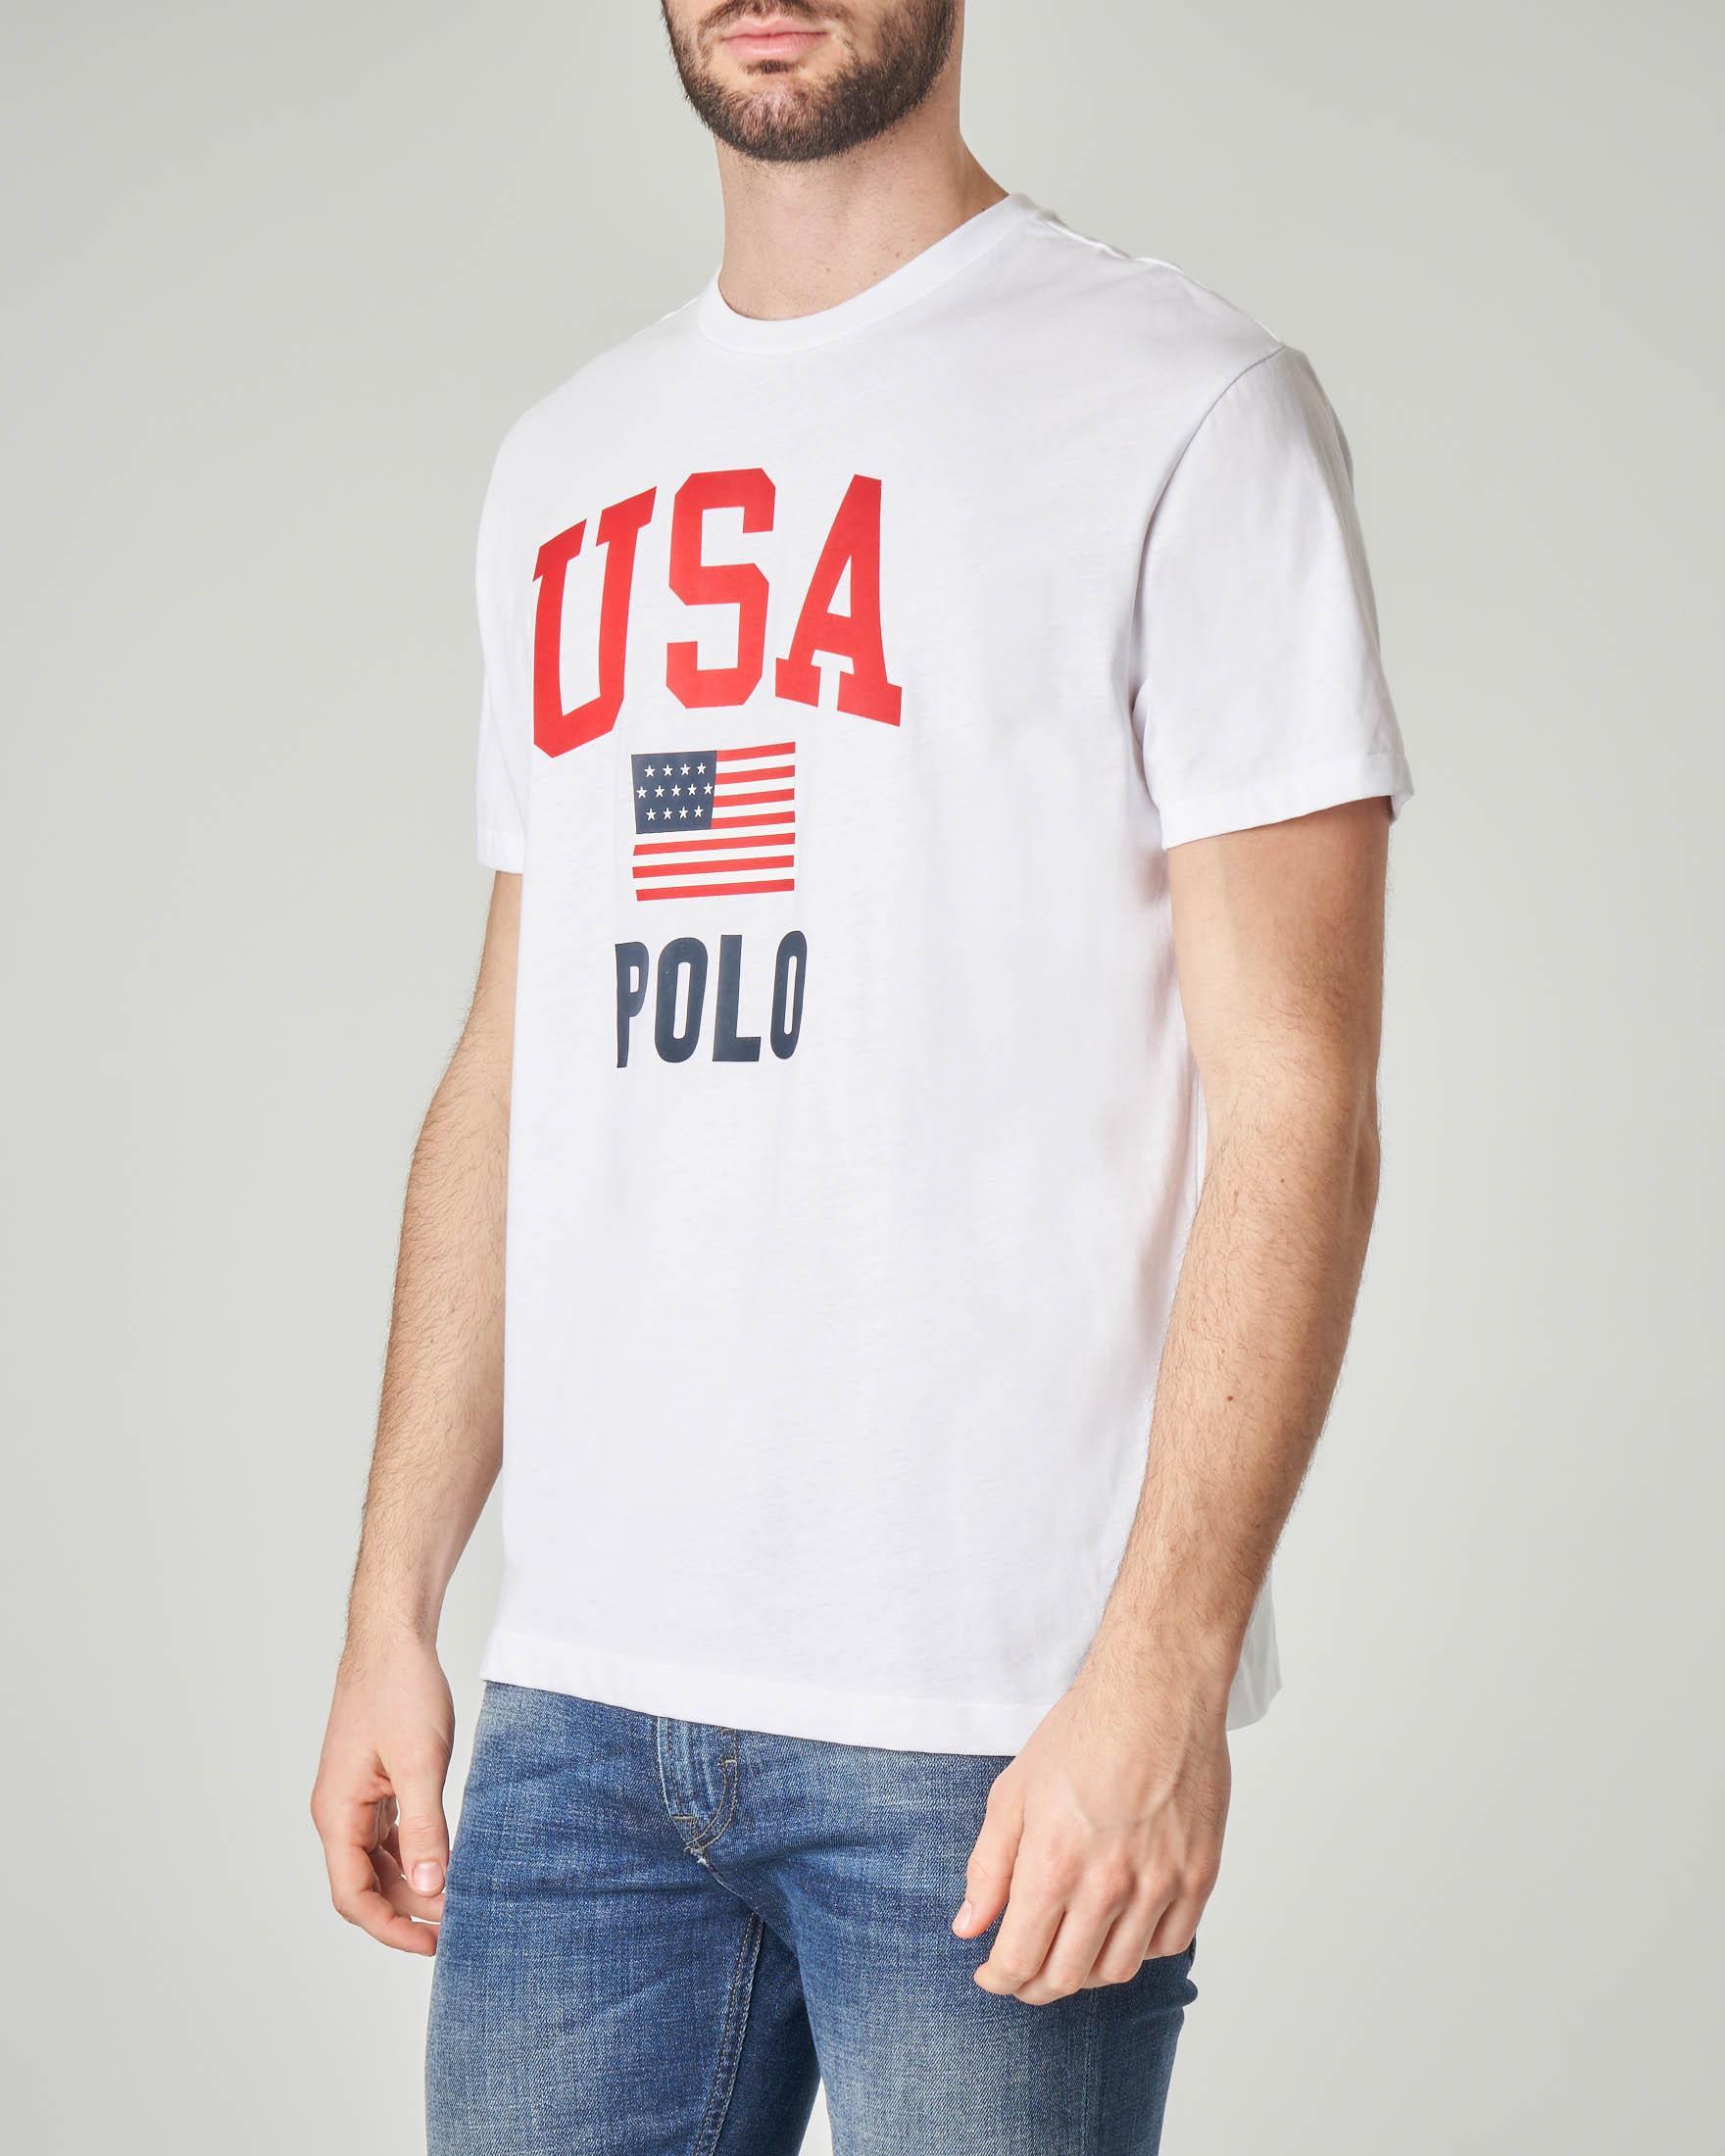 best value d45ca 7e316 T-shirt bianca con logo e bandiera USA | Pellizzari E-commerce